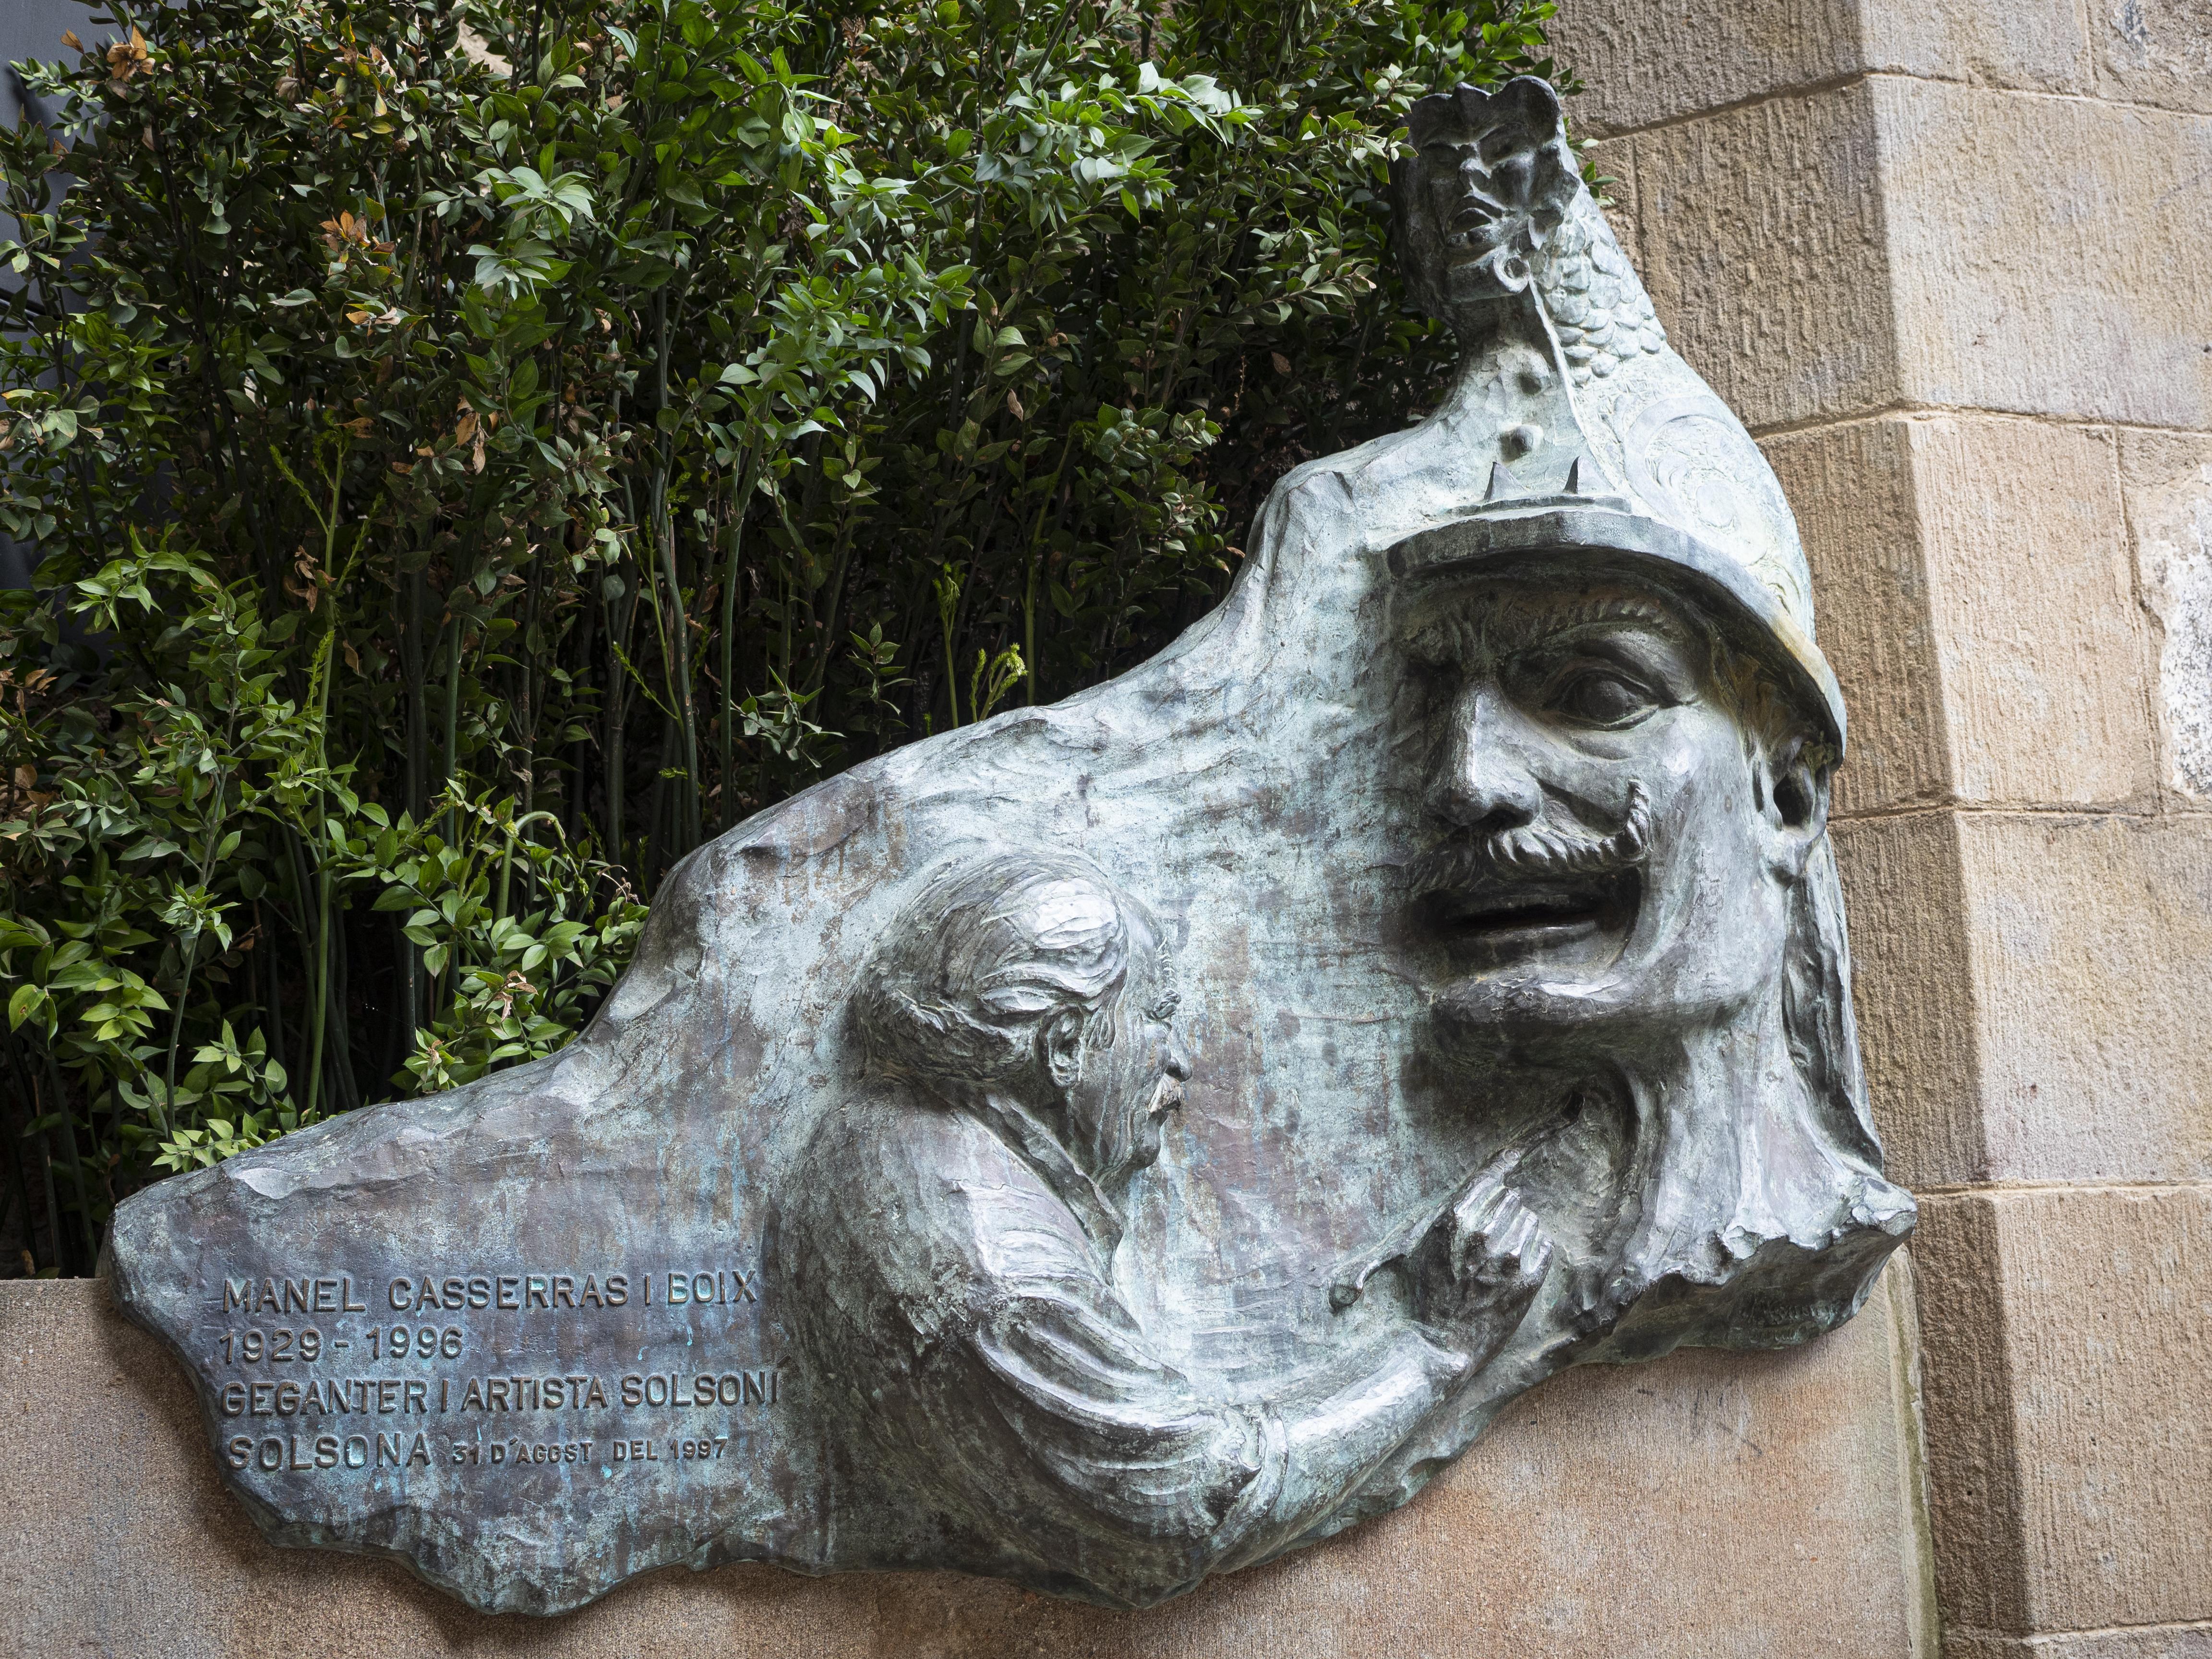 Placa en record a Manel Casserras i Boix, artista i geganter de la ciutat. FOTO: Anna E. Puig